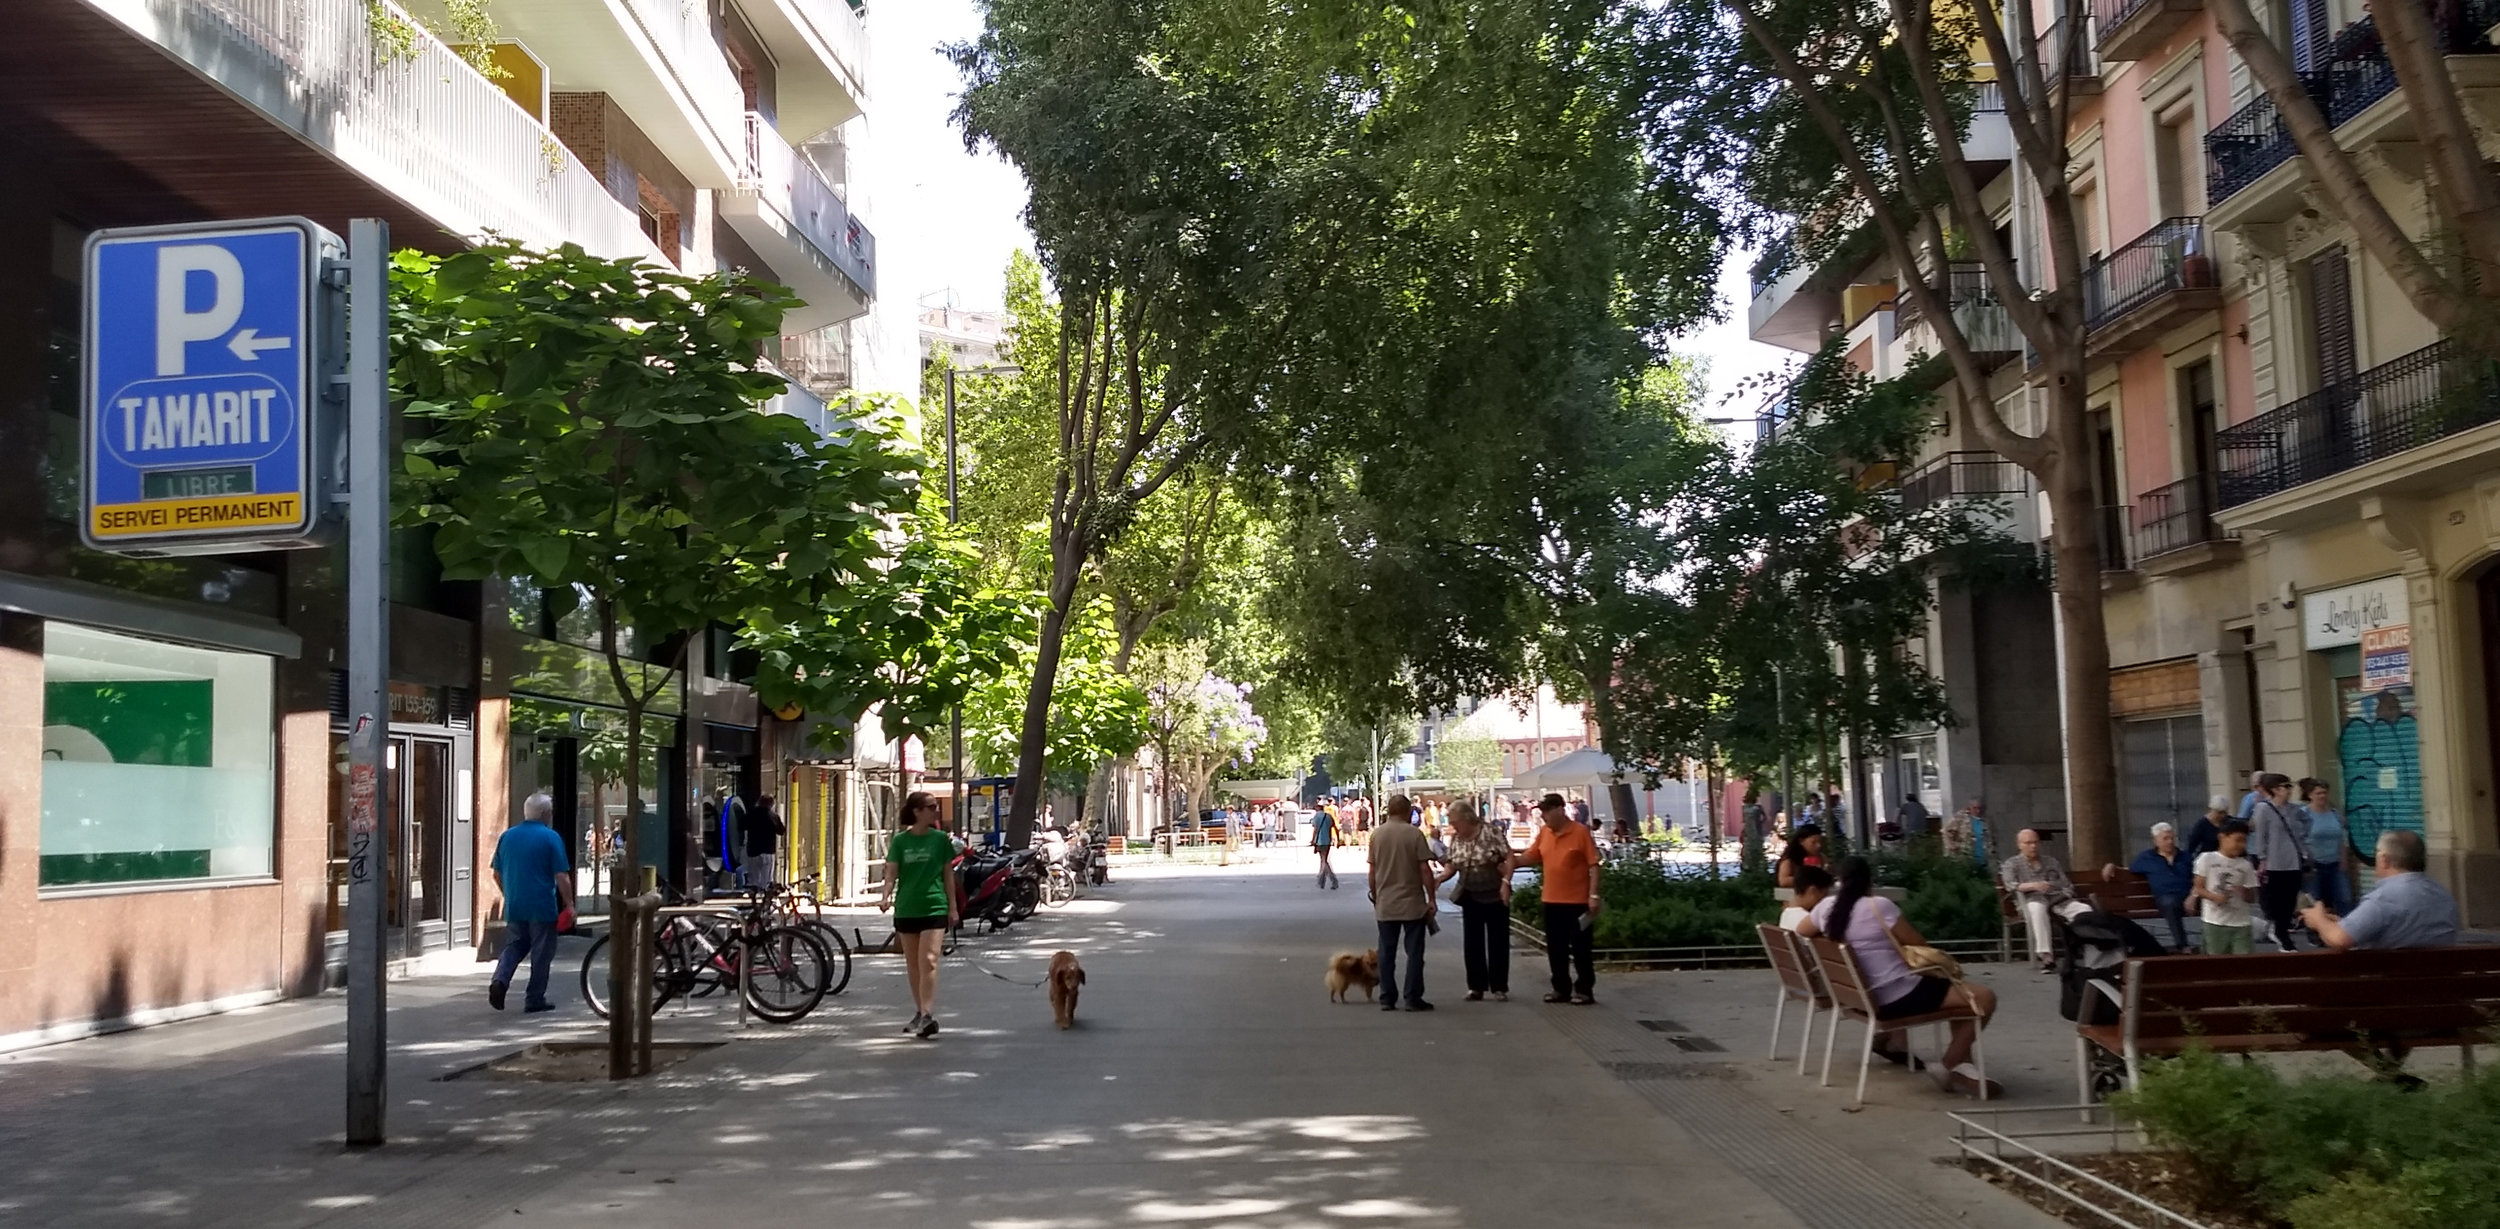 Hétérogénéité dans une rue de Barcelone (photo de Ioana Valero)